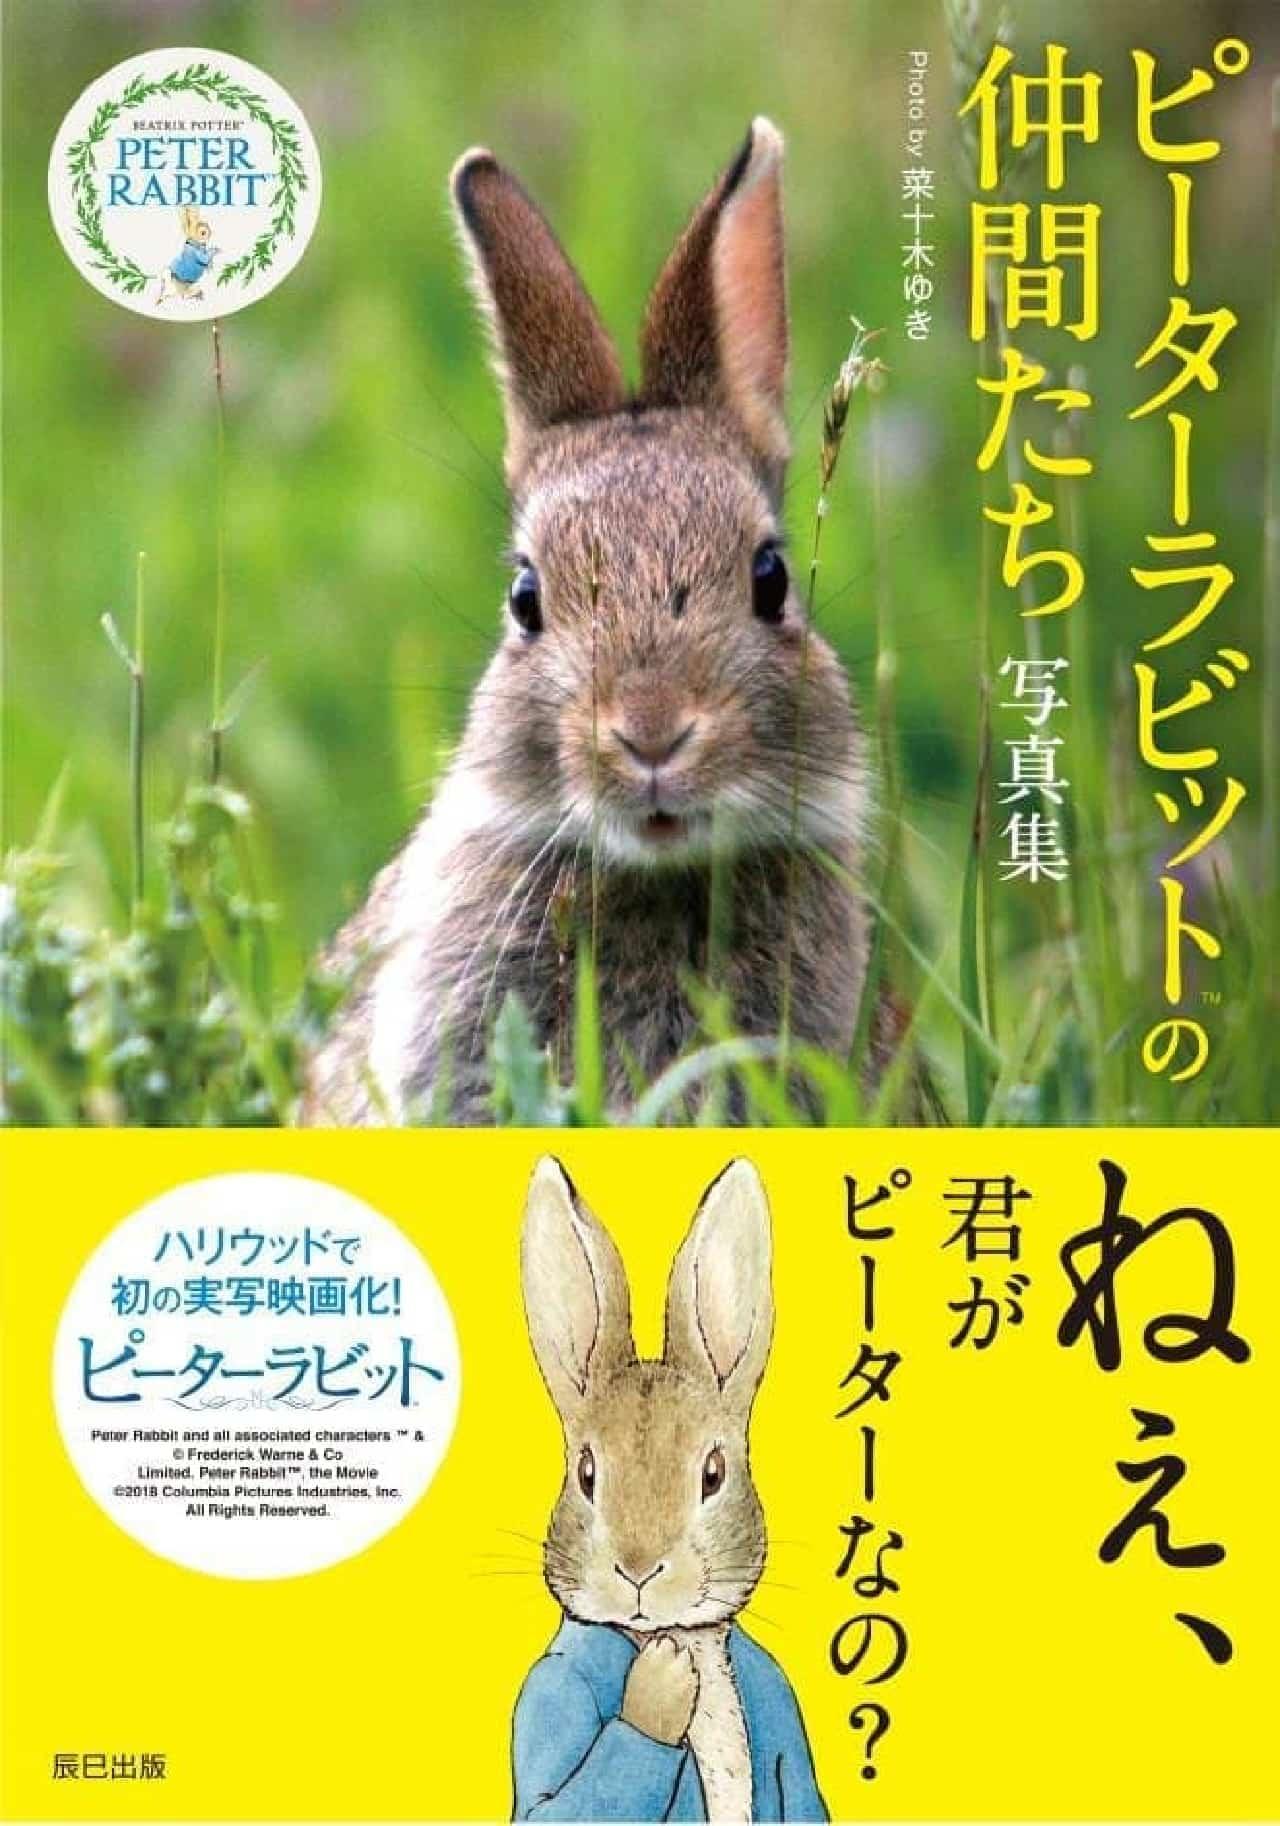 「ピーターラビットの仲間たち 写真集」、5月16日発売!